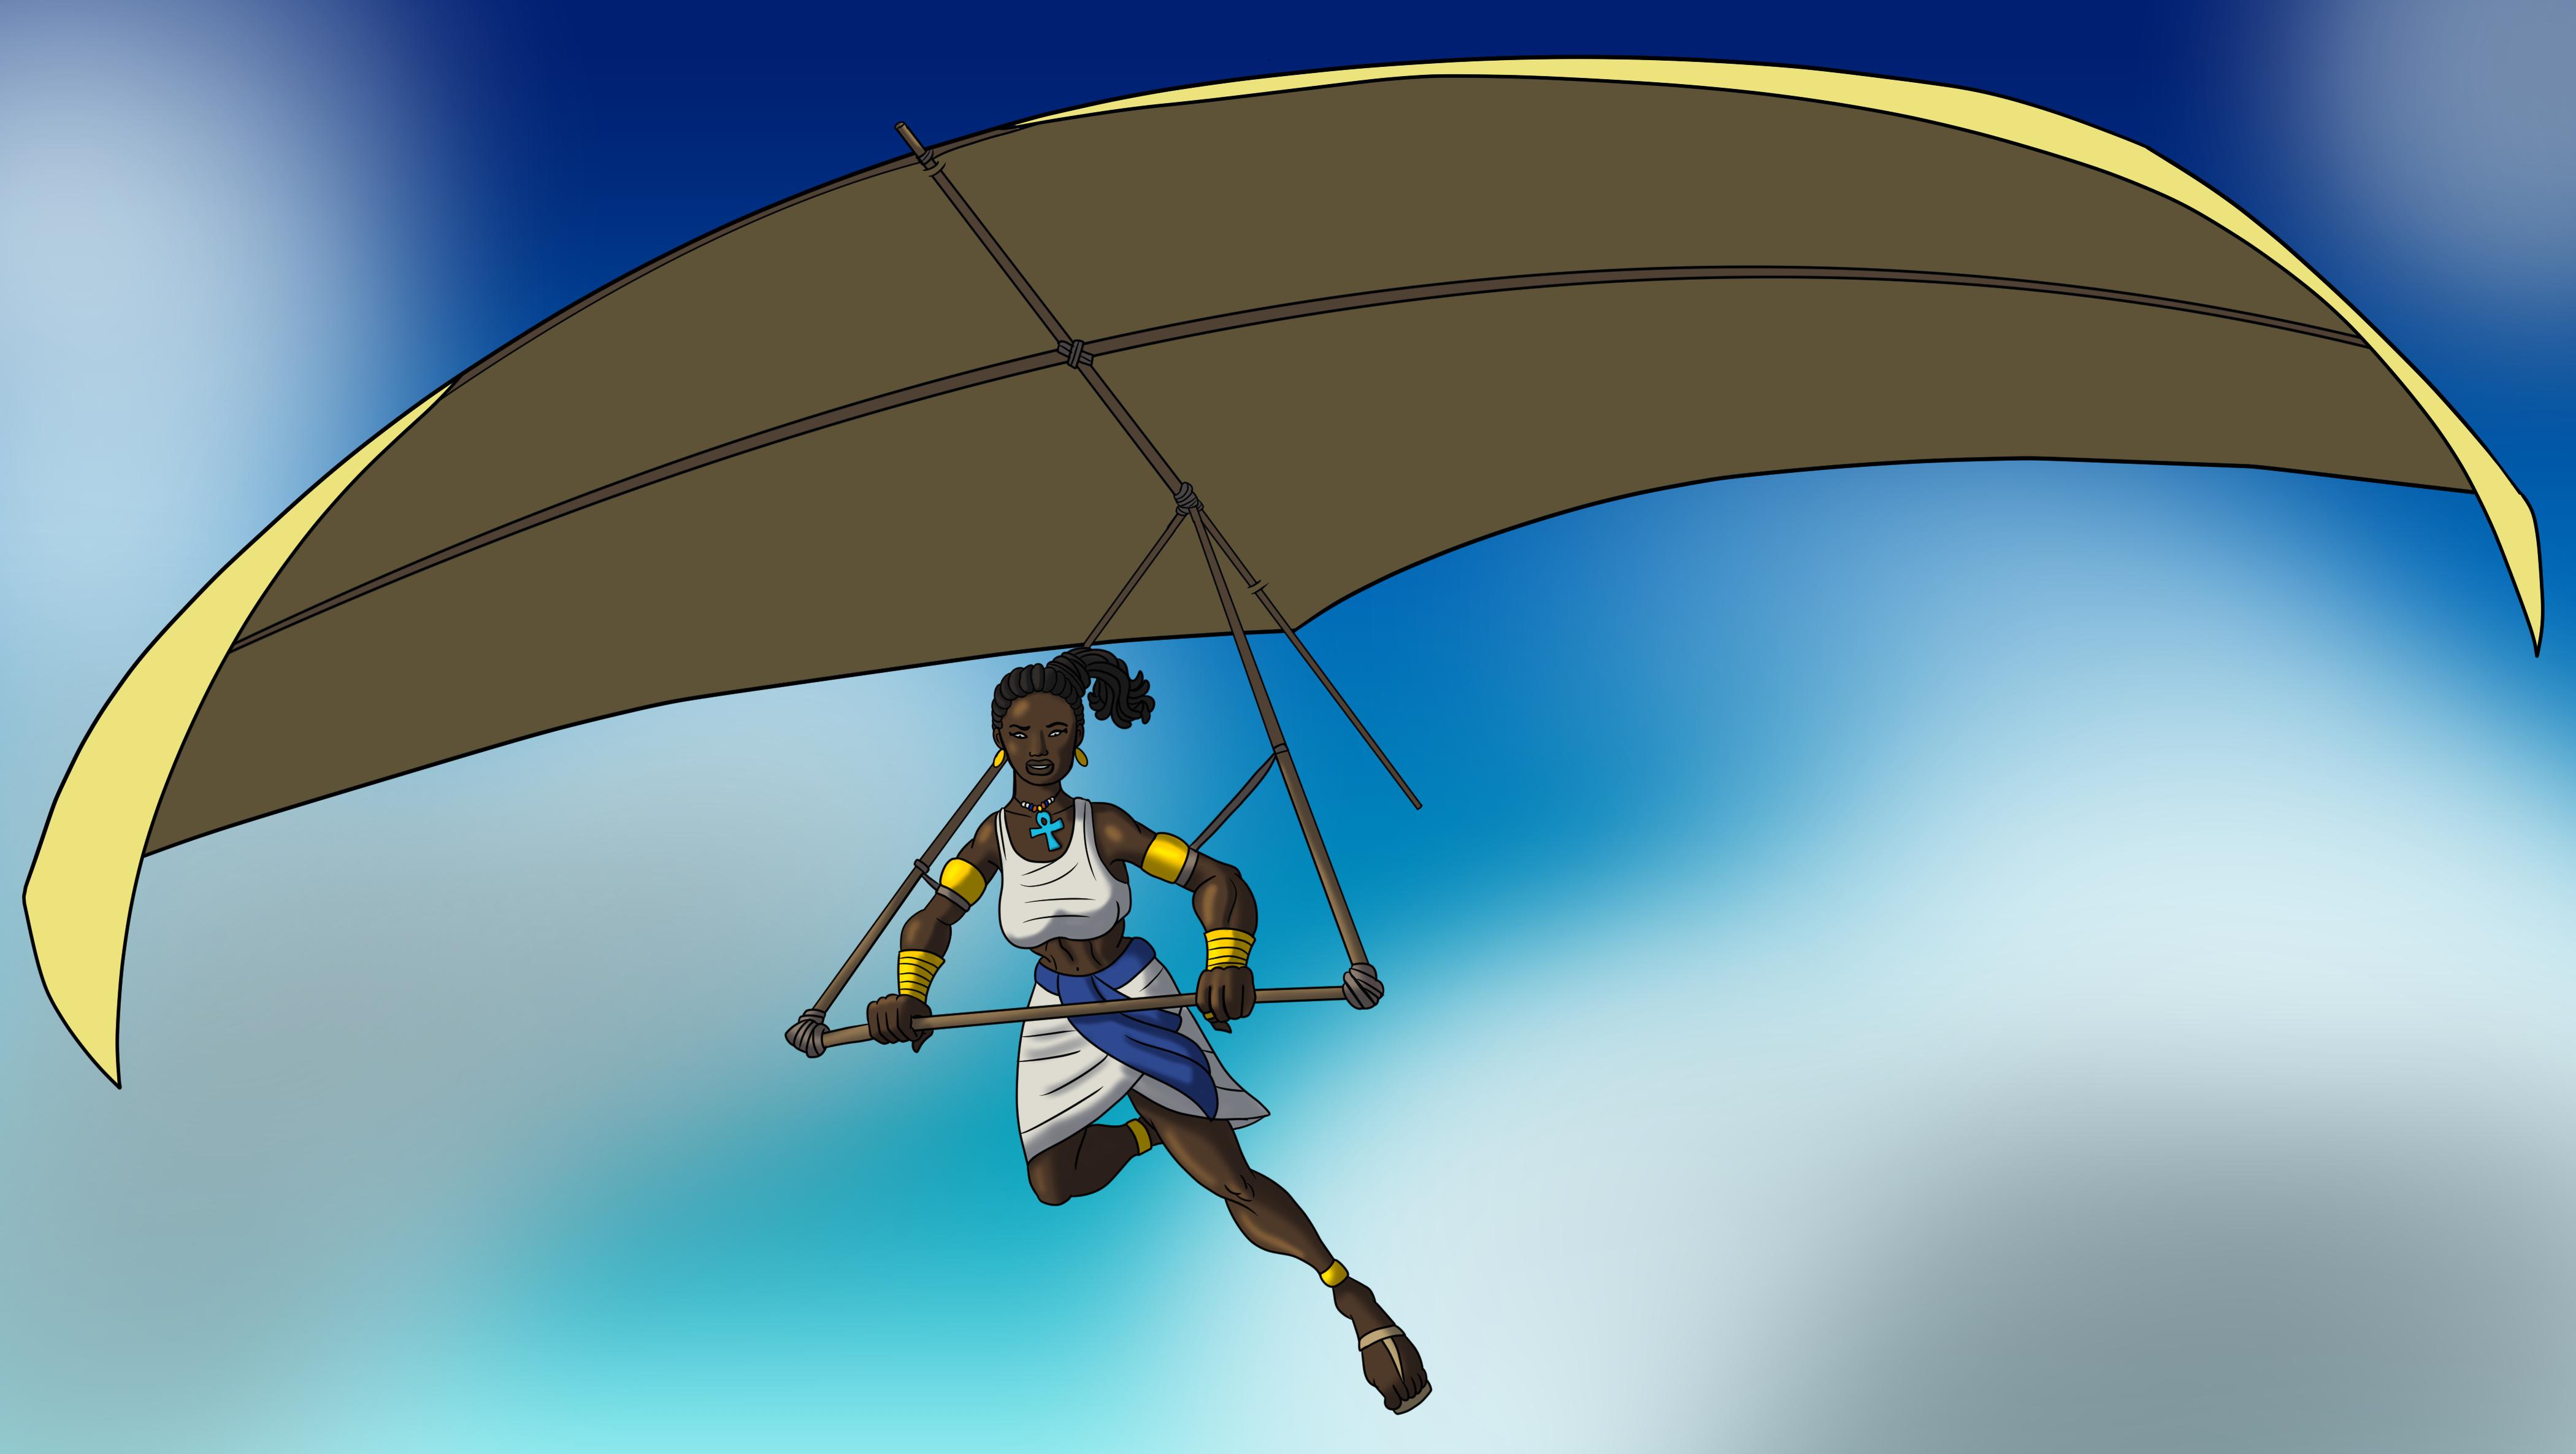 Takhaet on a Glider